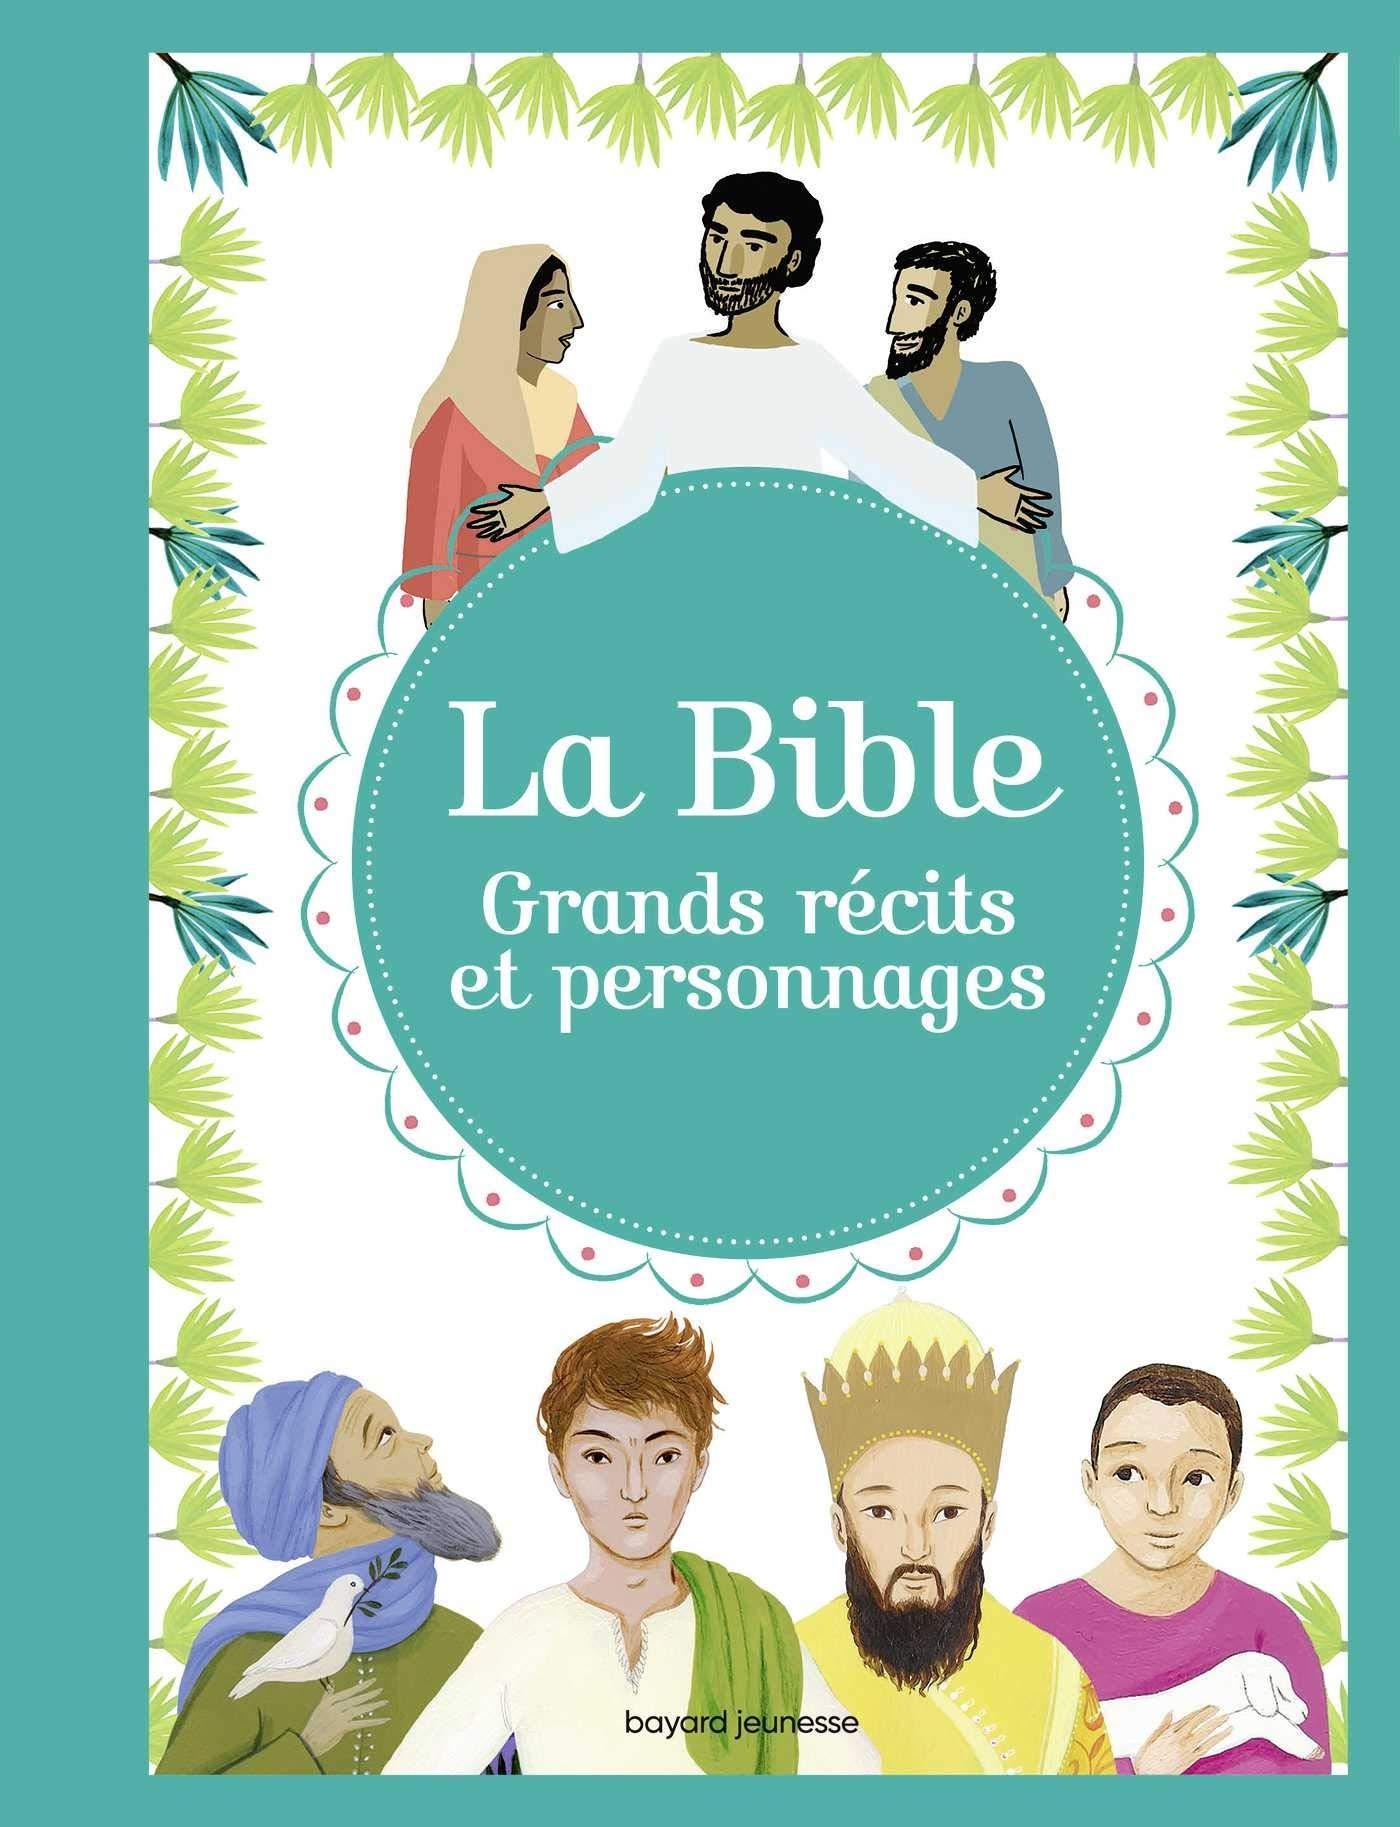 La Bible - Grands récits et personnages por Bénédicte Jeancourt-Galignani